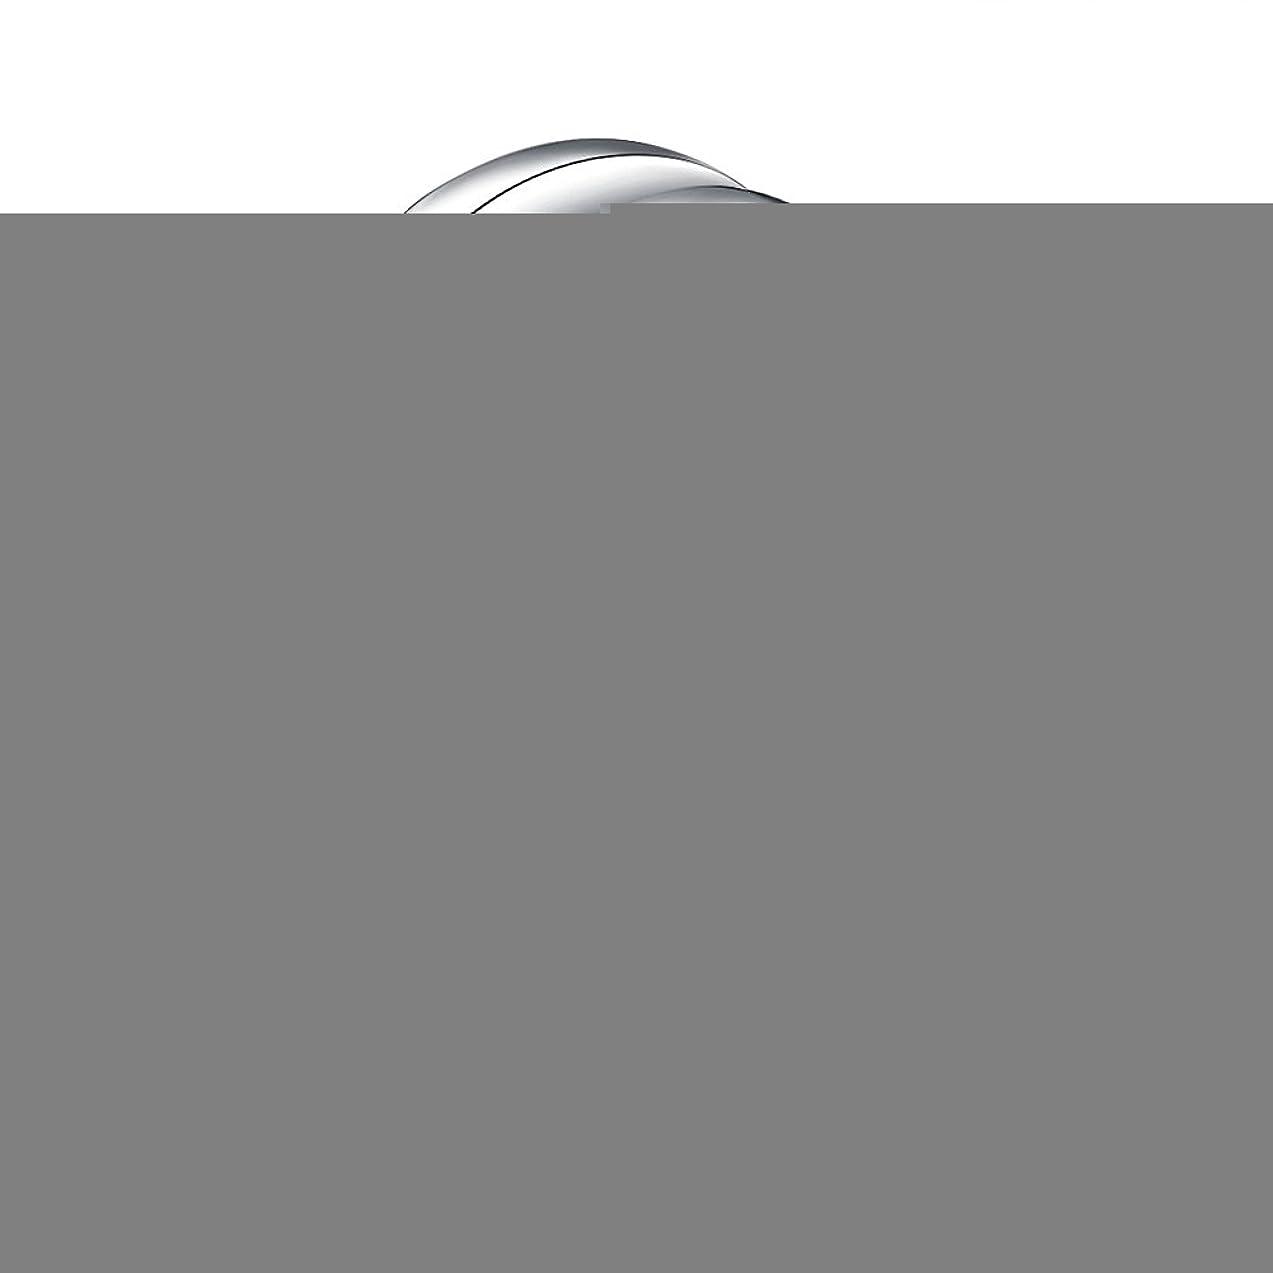 左近代化いらいらさせる結婚指輪人気 クラウン指輪 クラウン镶钻開口の指輪調節できます 流行韓国の芸能人アクセサリー ウエディングドレスセット プロポーズのプレゼント ガールフレンドプレゼント